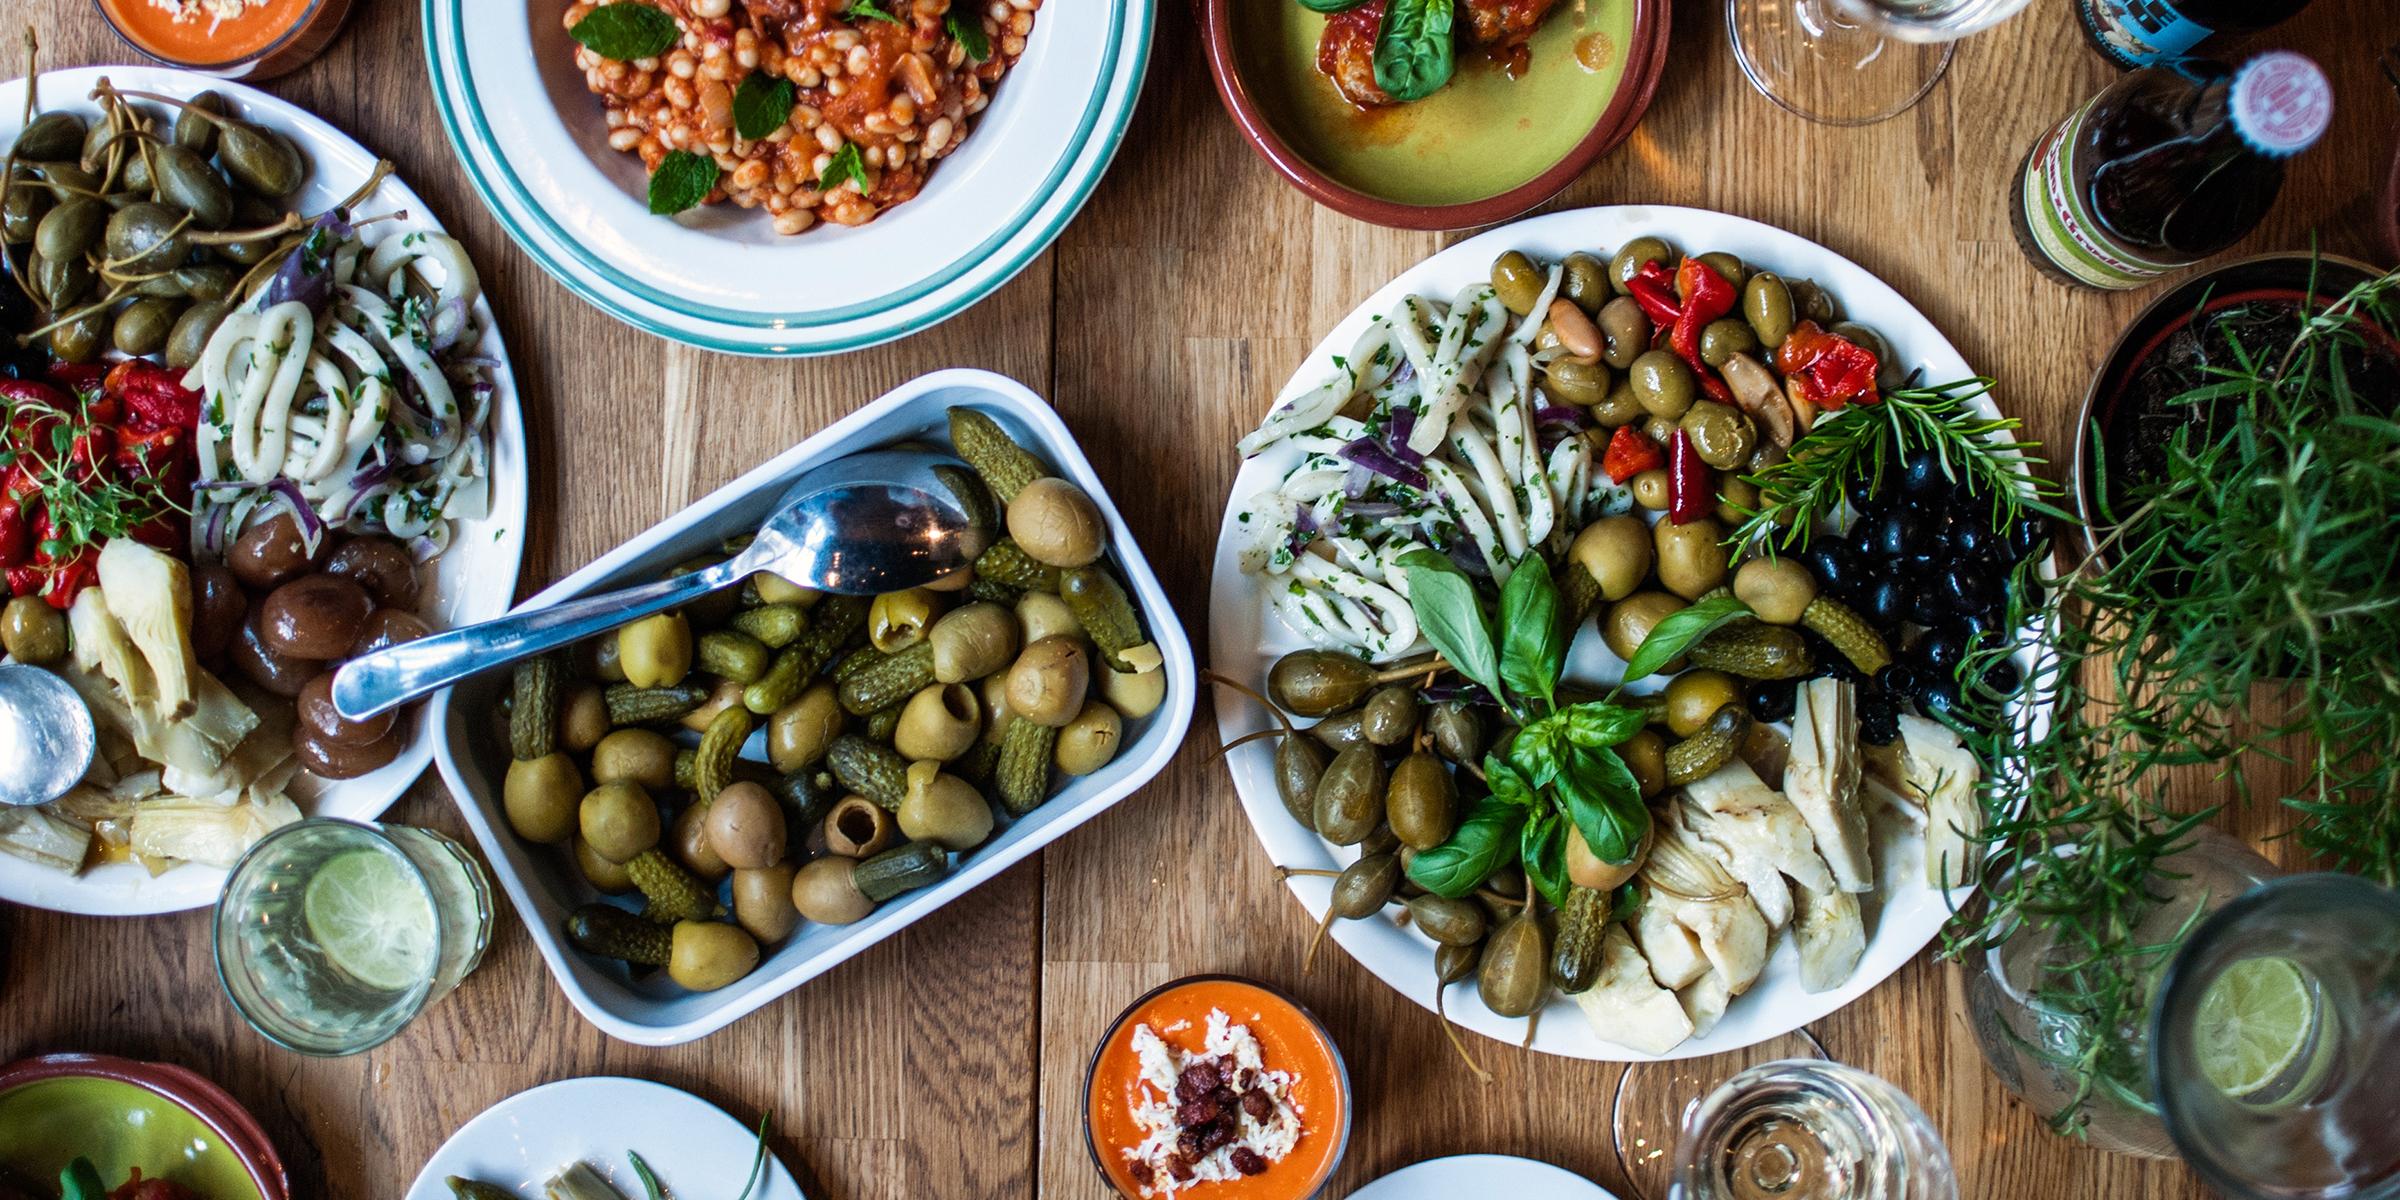 Recipes: Mediterranean diet plan